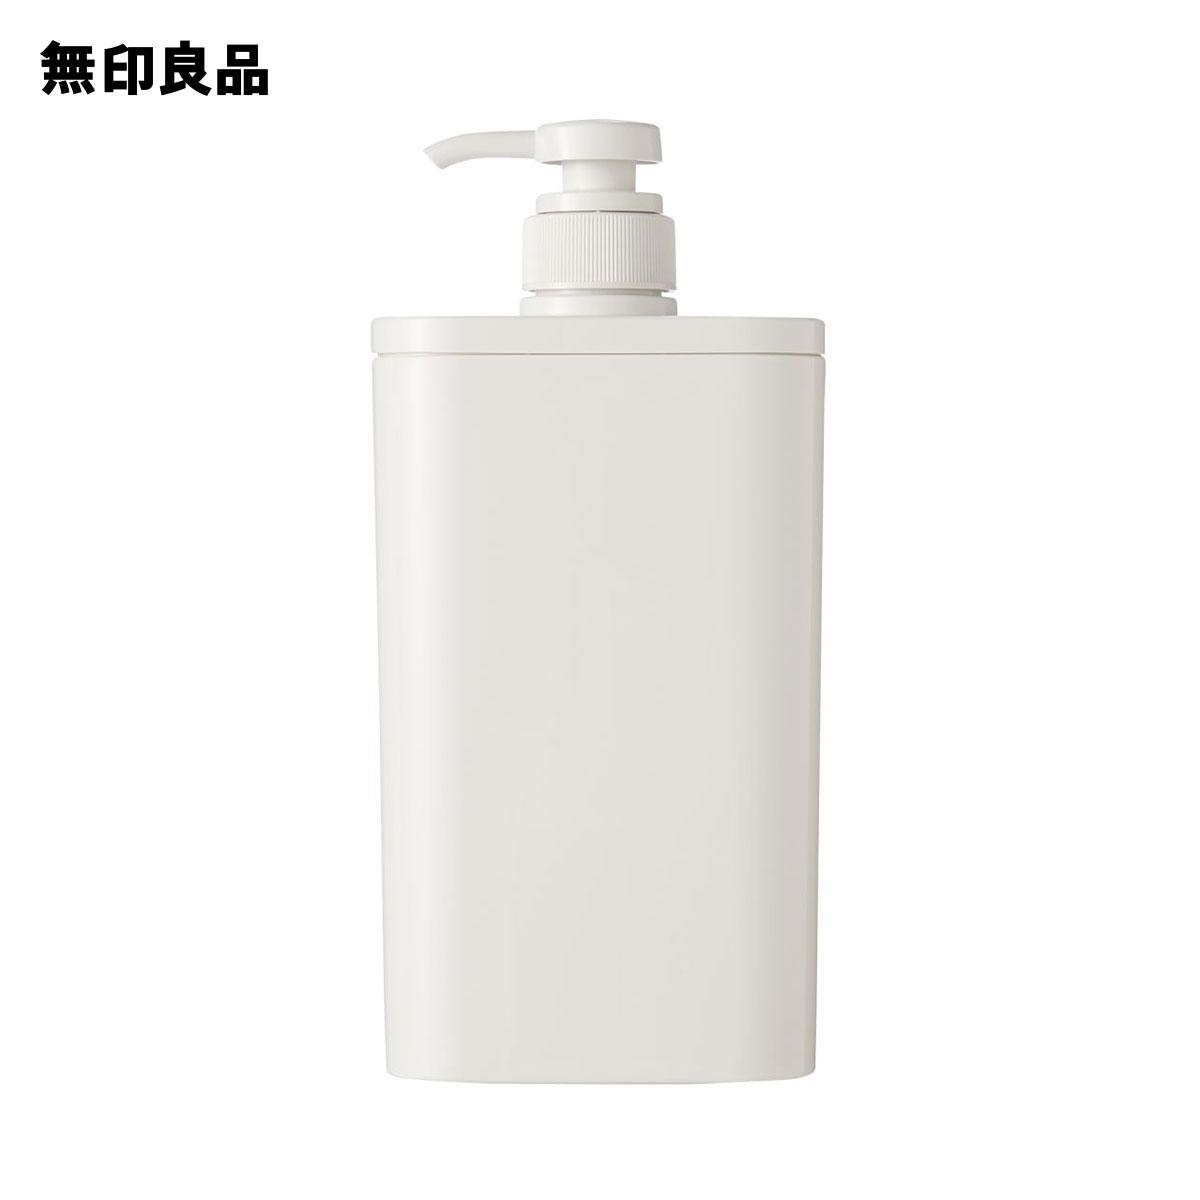 セール品 無印良品 公式 おトク ホワイト フタが外せるPET詰替ボトル